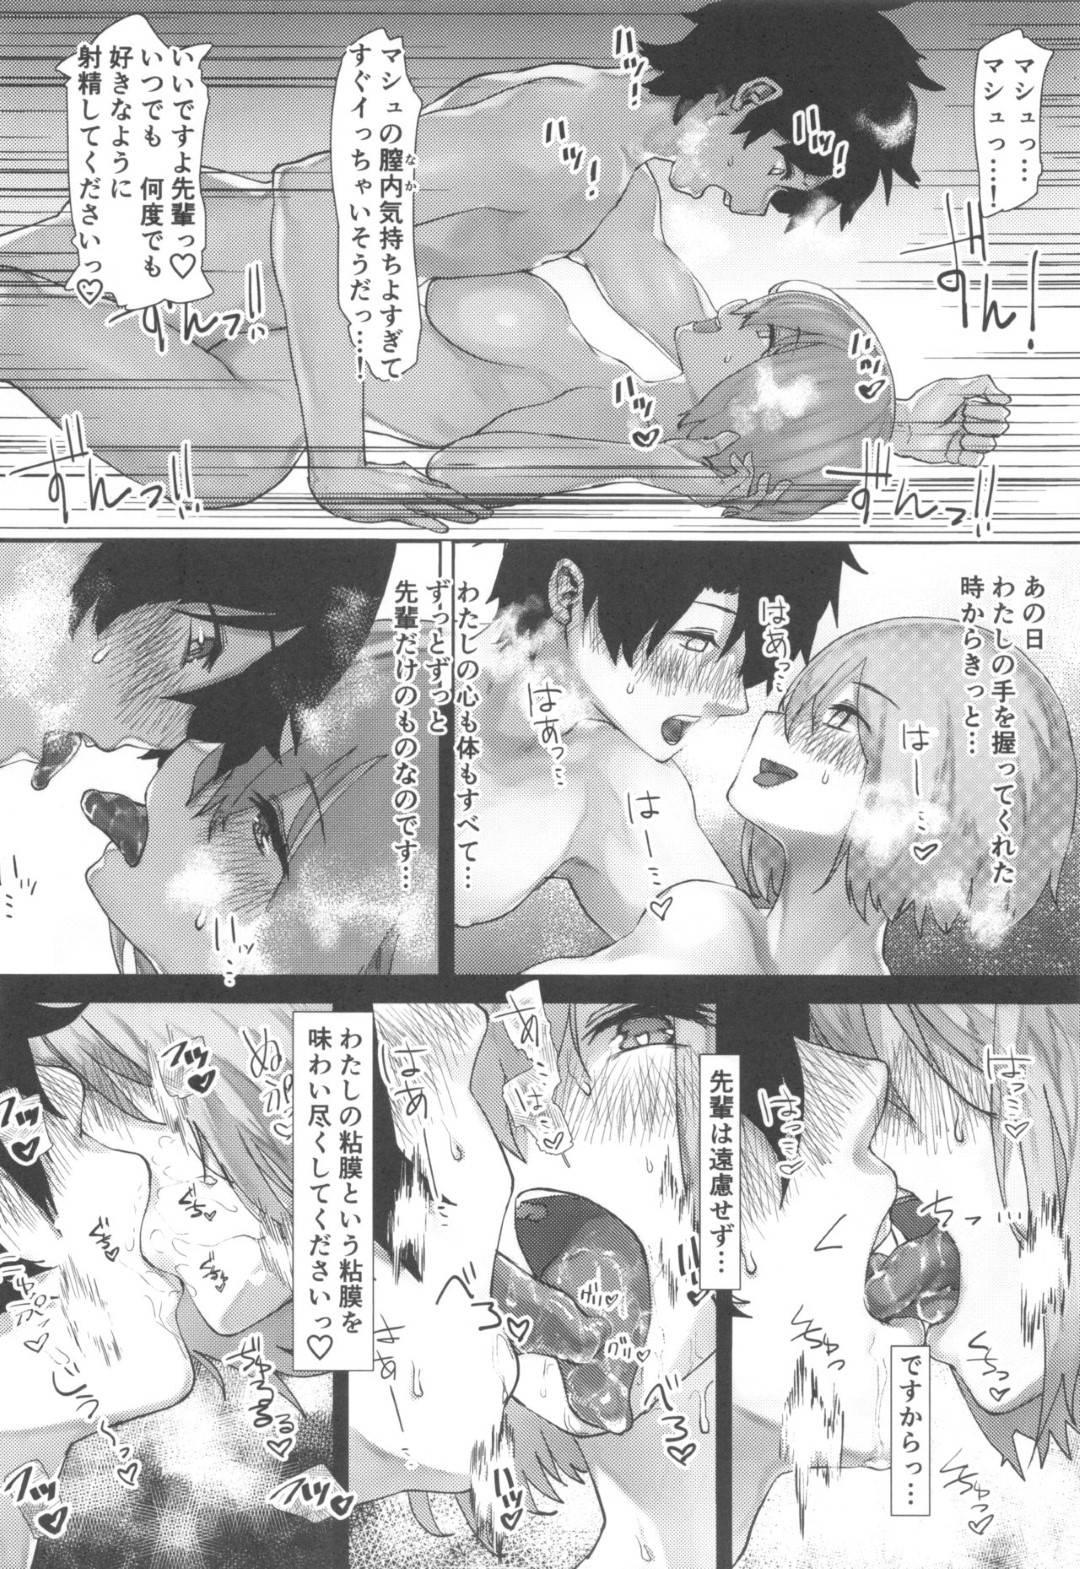 【fateエロ漫画】特異点で通信が遮断され、外部と連絡や召喚もできなくなったマスターとマシュ。二人は生き残るためにセックスしまくって魔力補給する!そんな状況で淫乱と化したマシュは貪るようにフェラしたり騎乗位で求めまくる。【にむの】